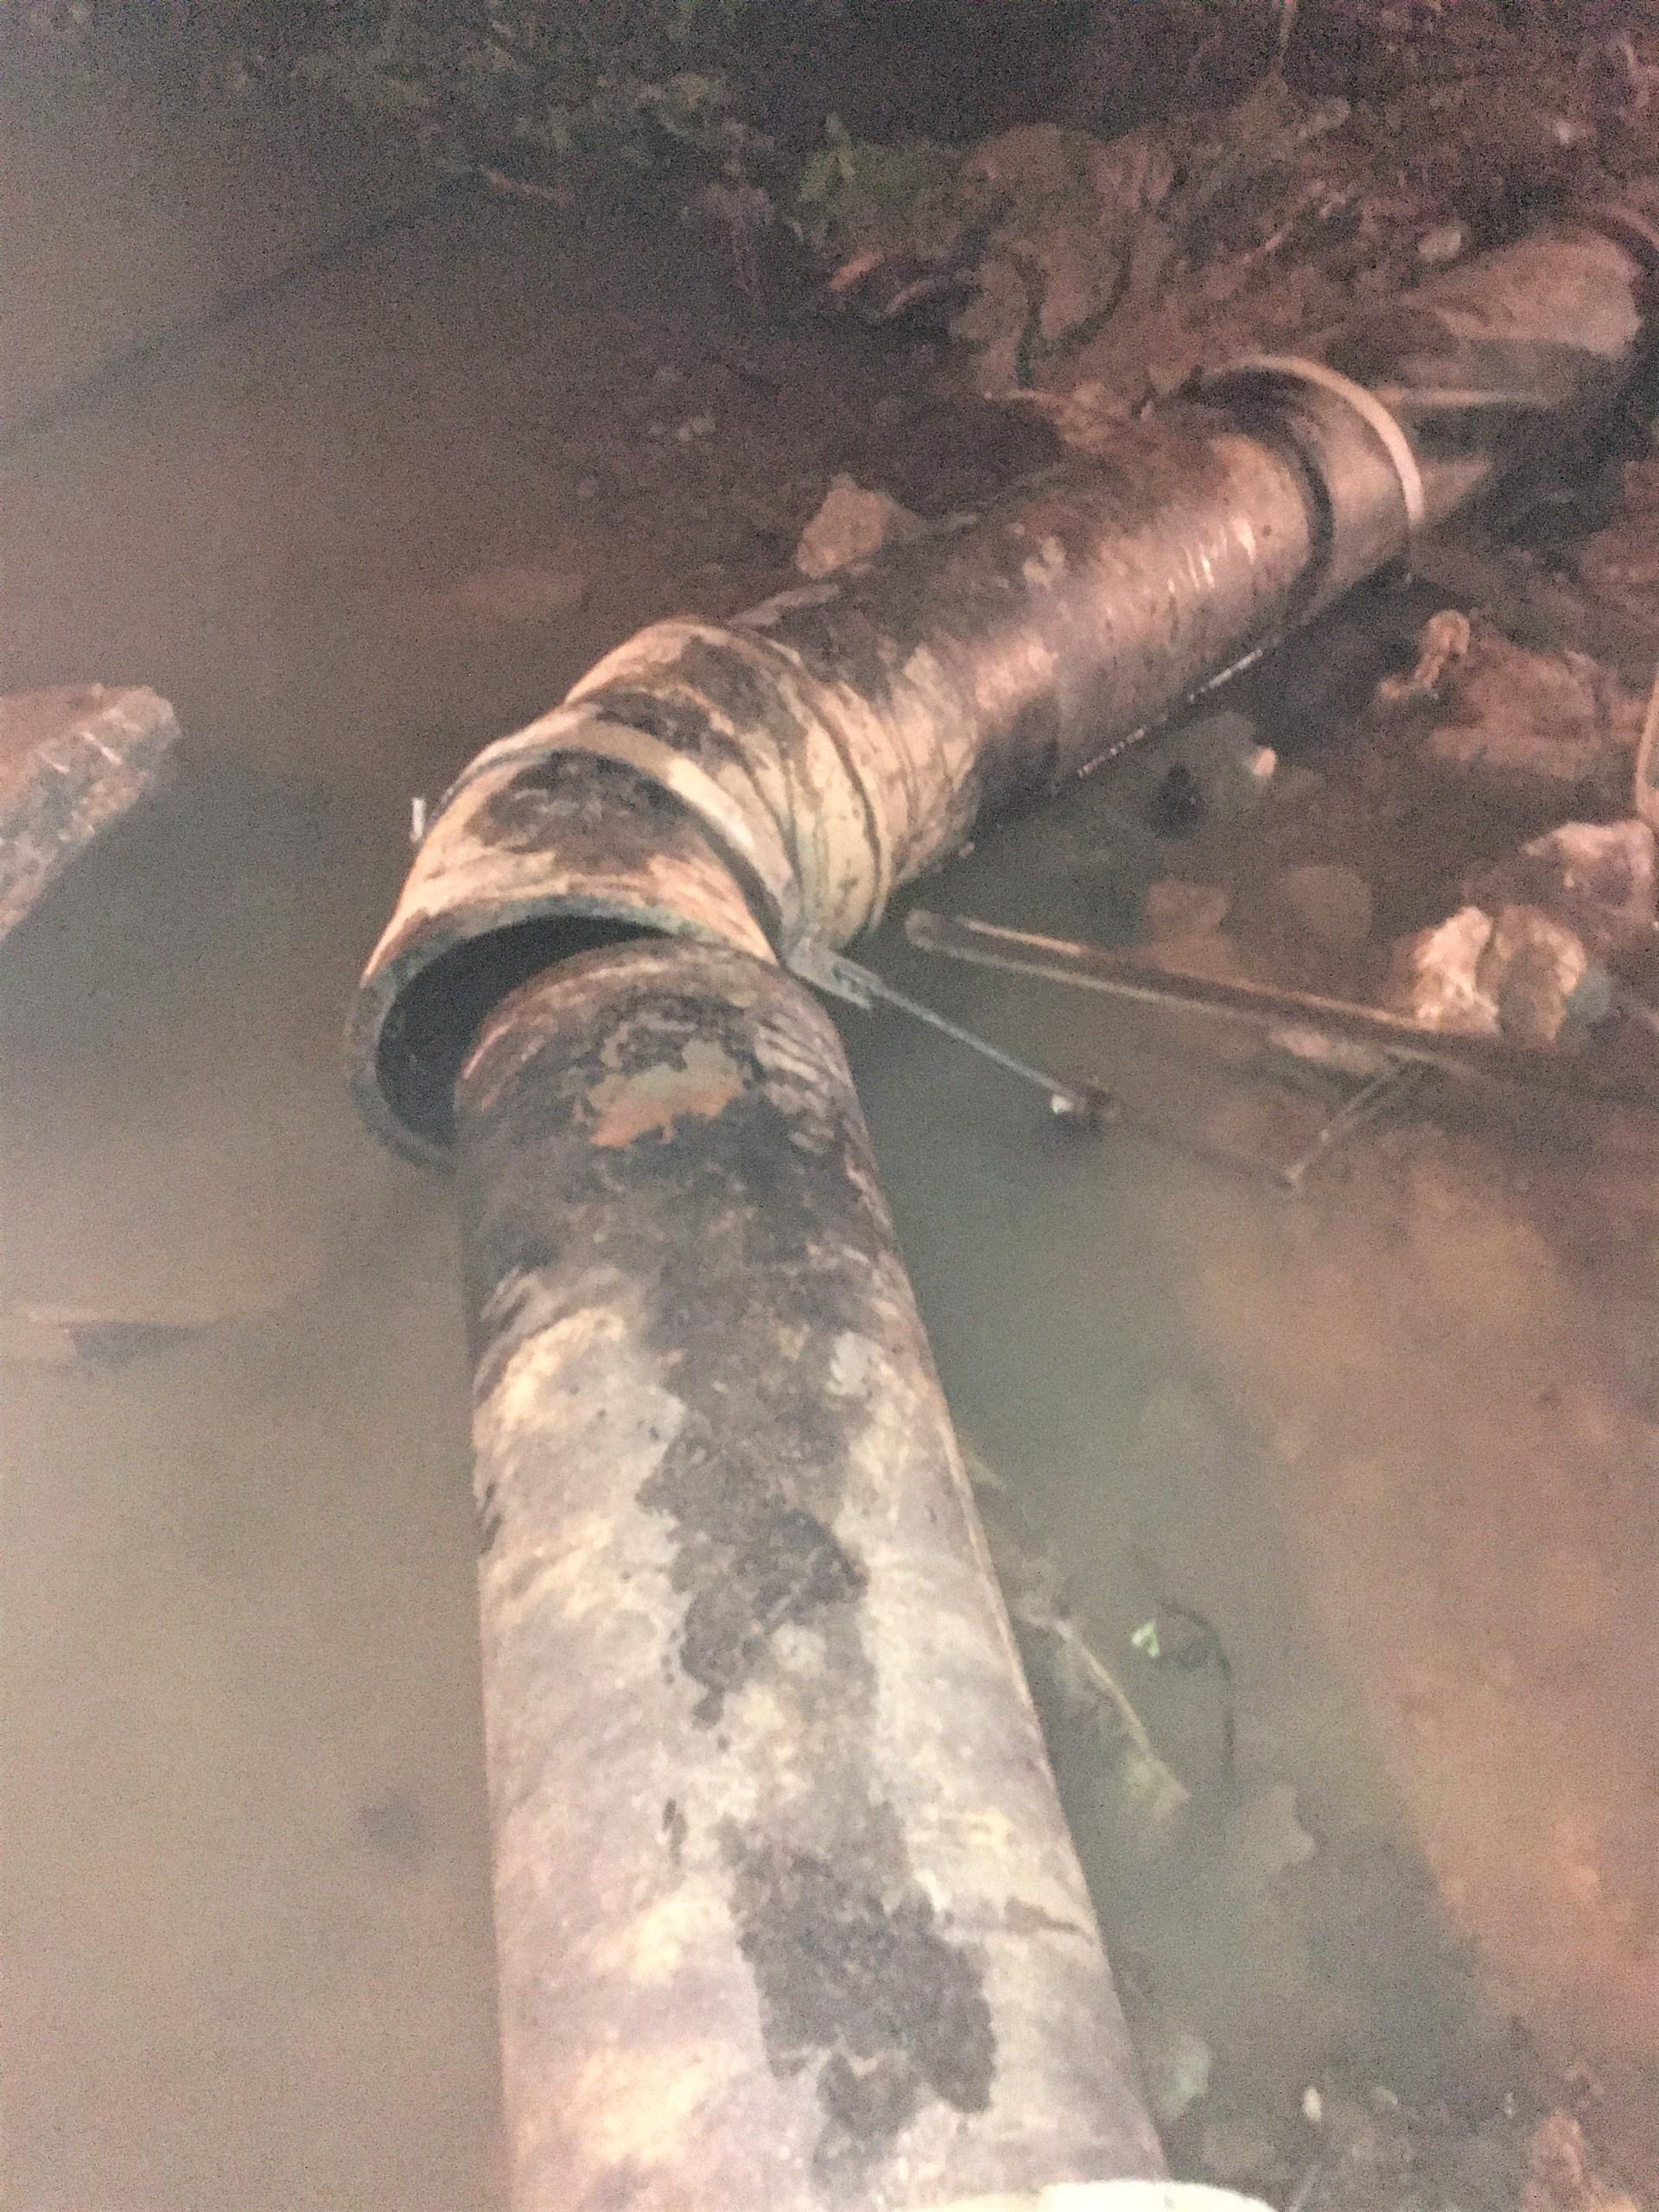 Quảng Bình: Vì sao gần 10.000 hộ dân ở TP.Đồng Hới bị cắt nước đột ngột?